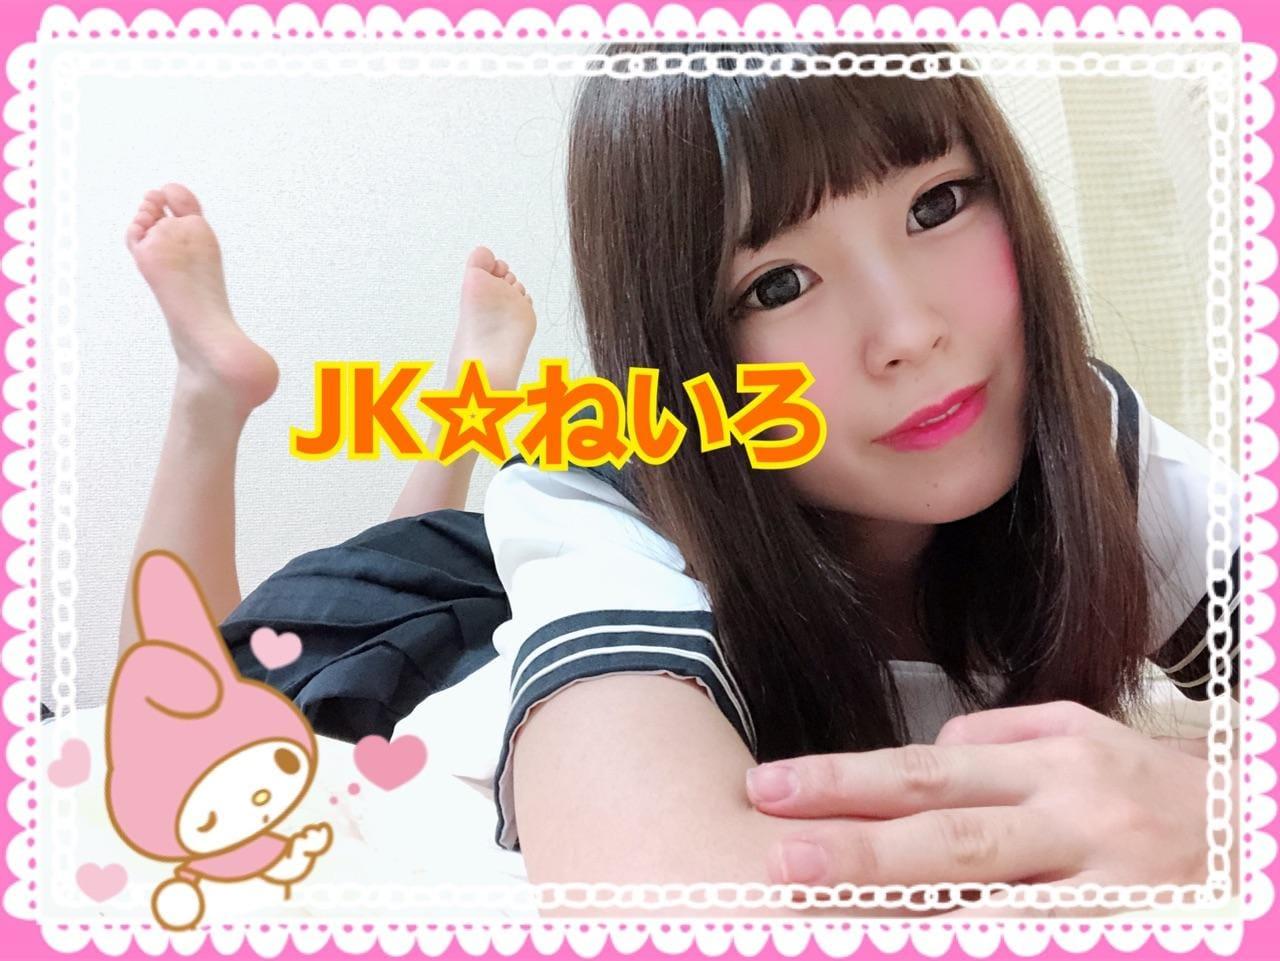 「今から」07/19(07/19) 22:44 | ねいろ☆Hなことに興味深々!の写メ・風俗動画